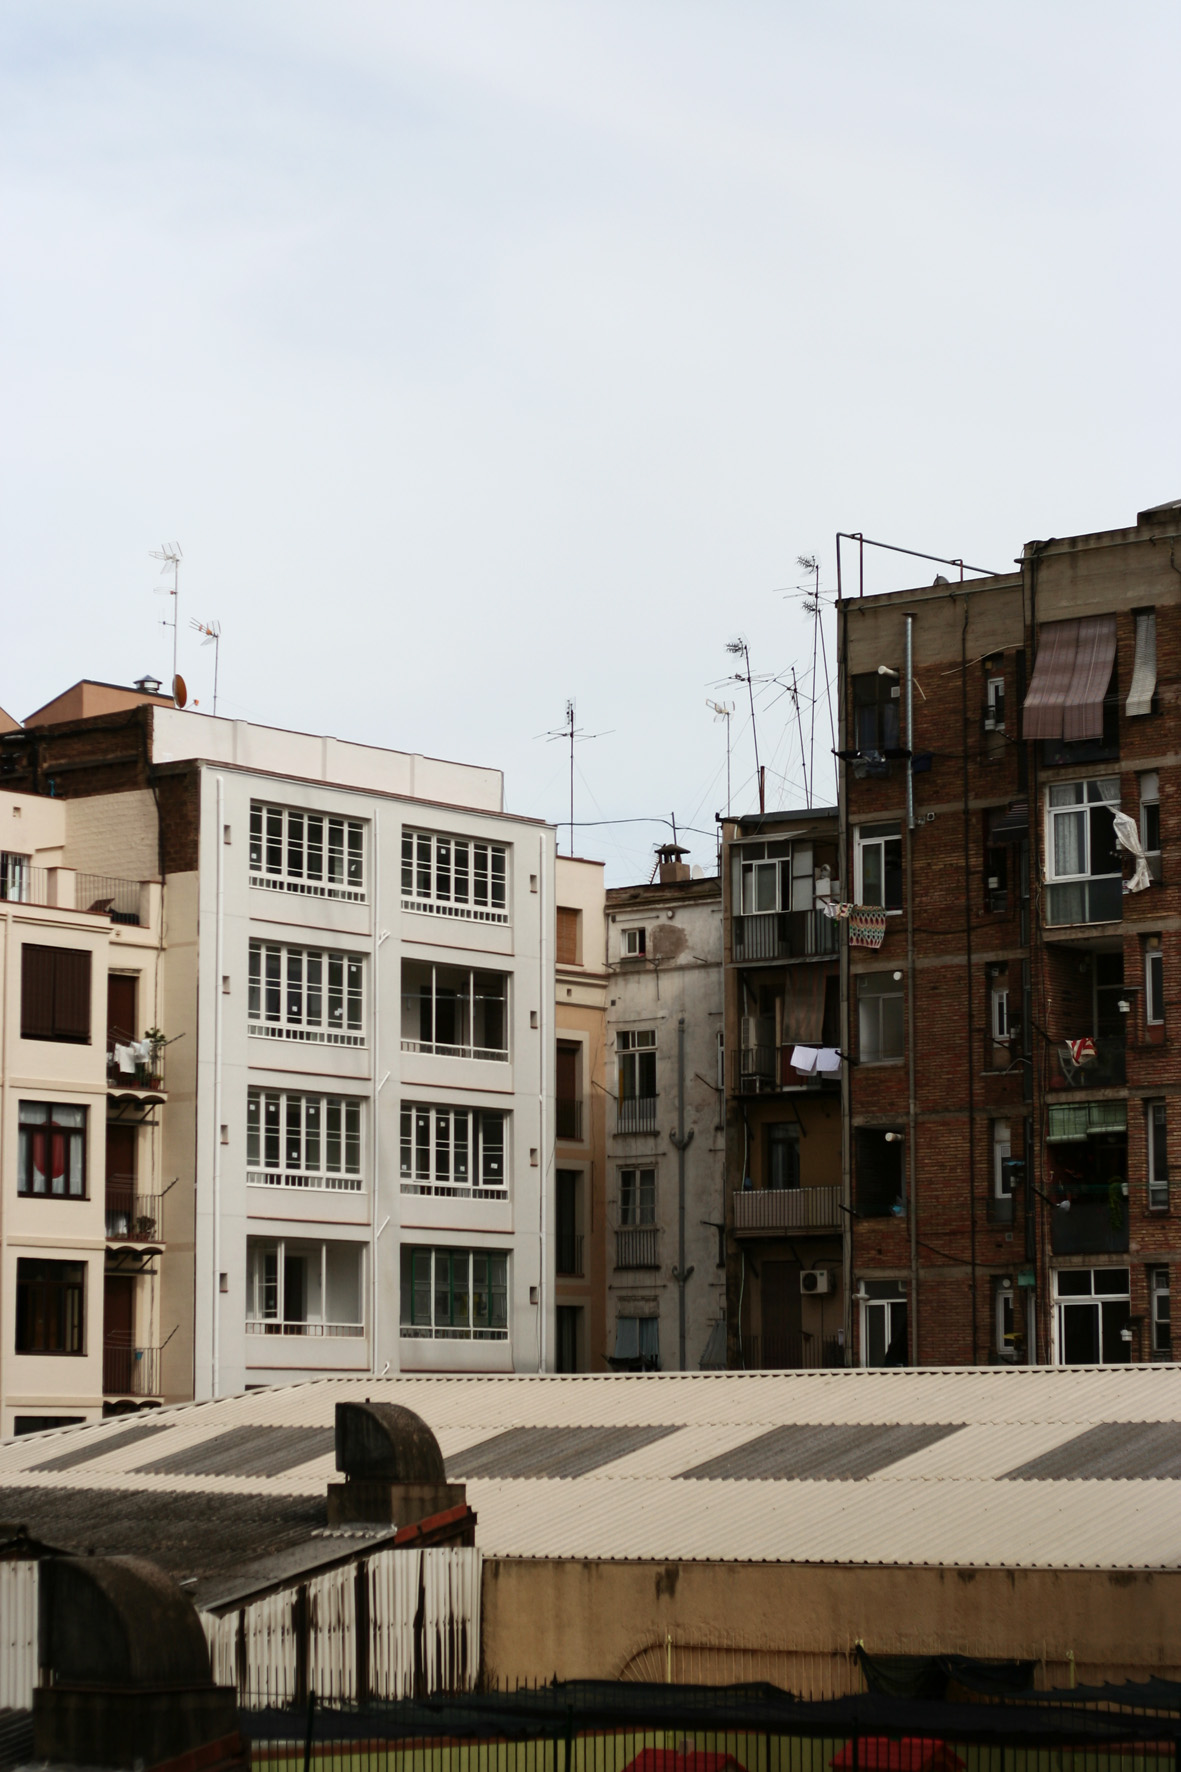 barcelona_22 - copie.jpg